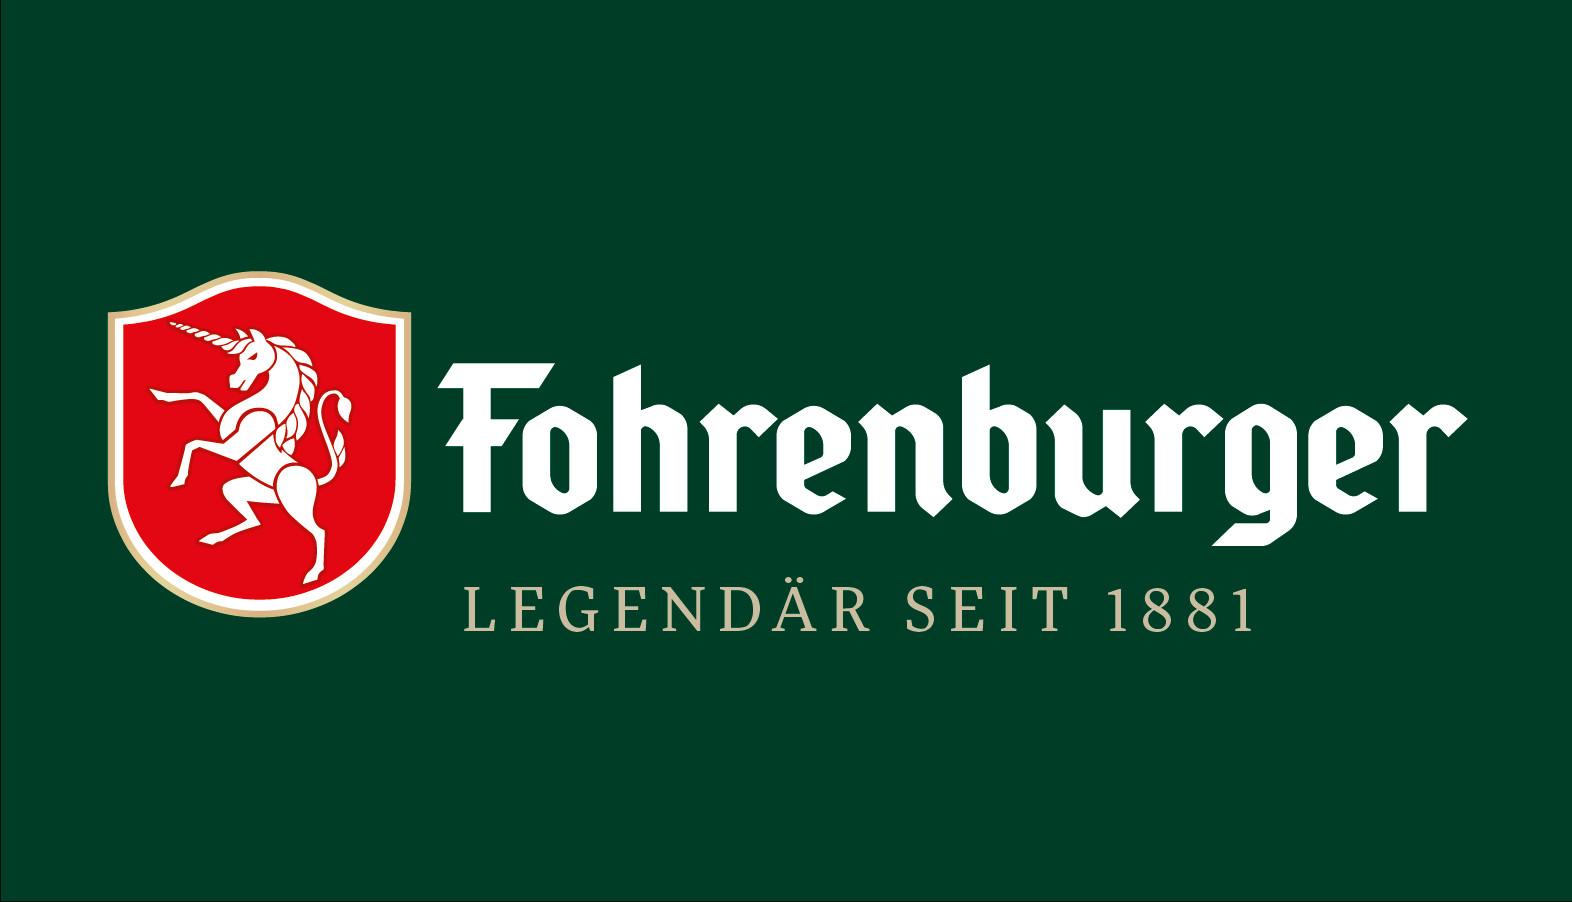 Brauerei Fohrenburg in Bludenz